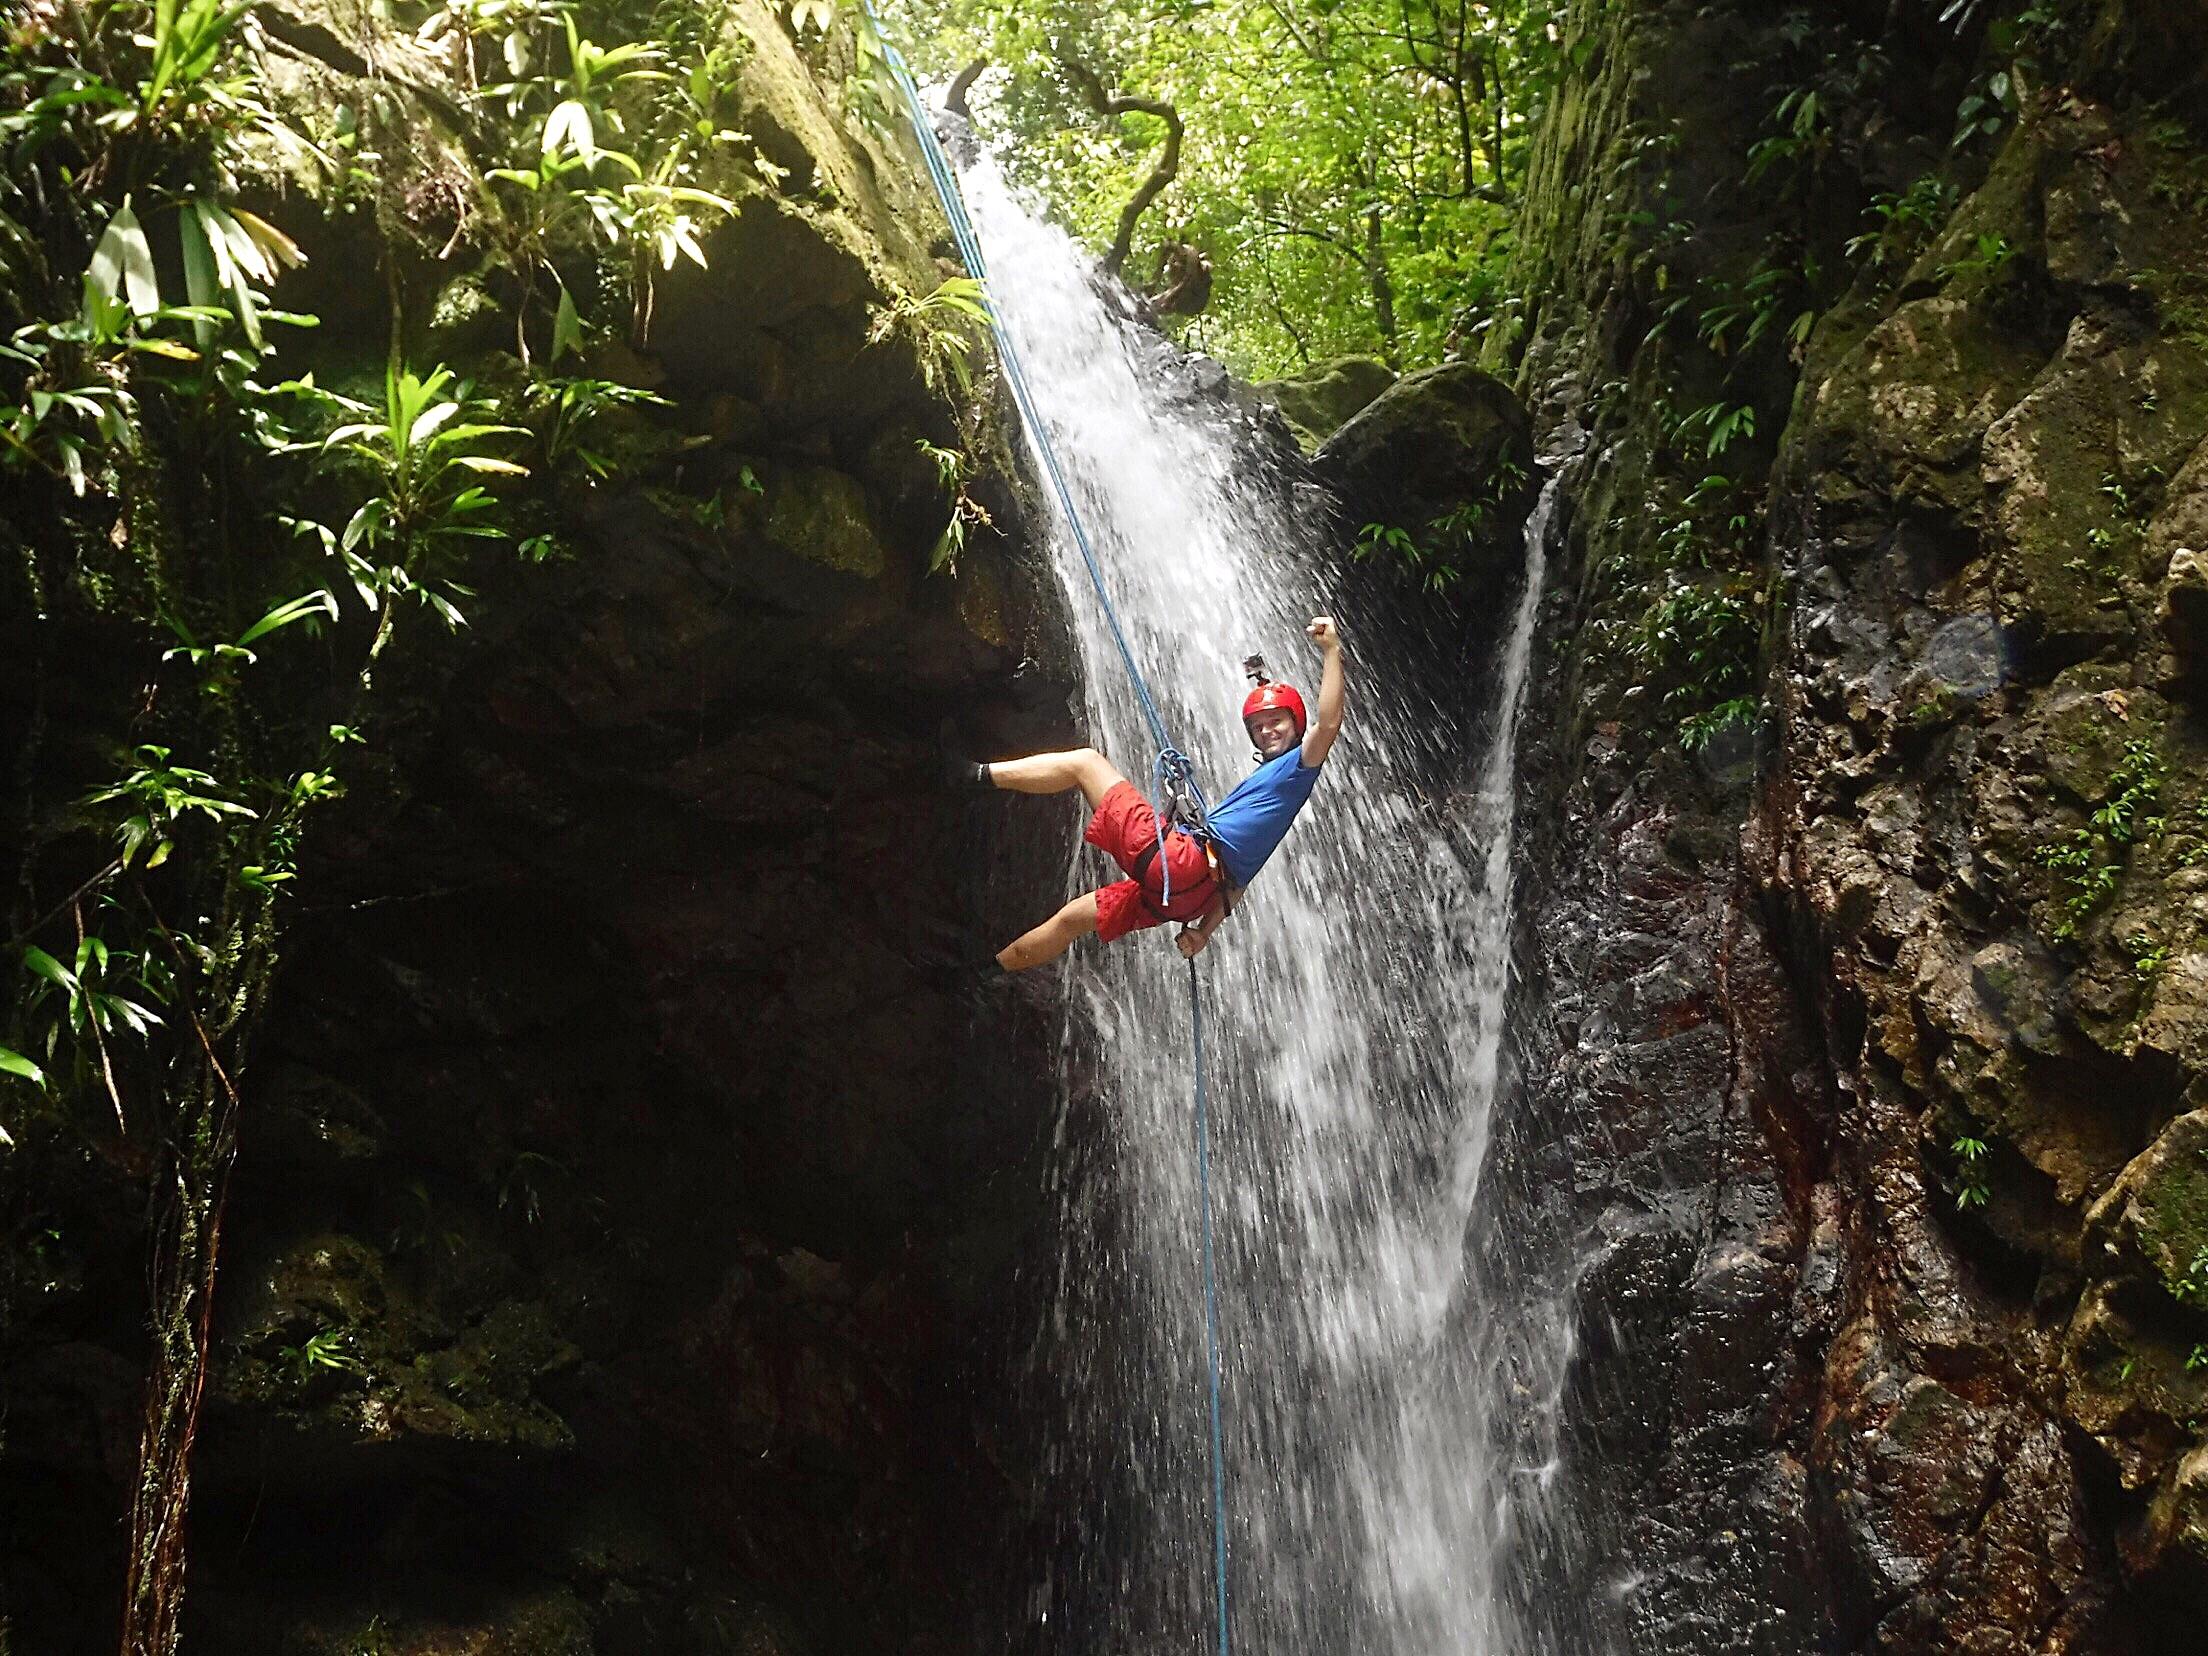 Honduras Waterfall Descents